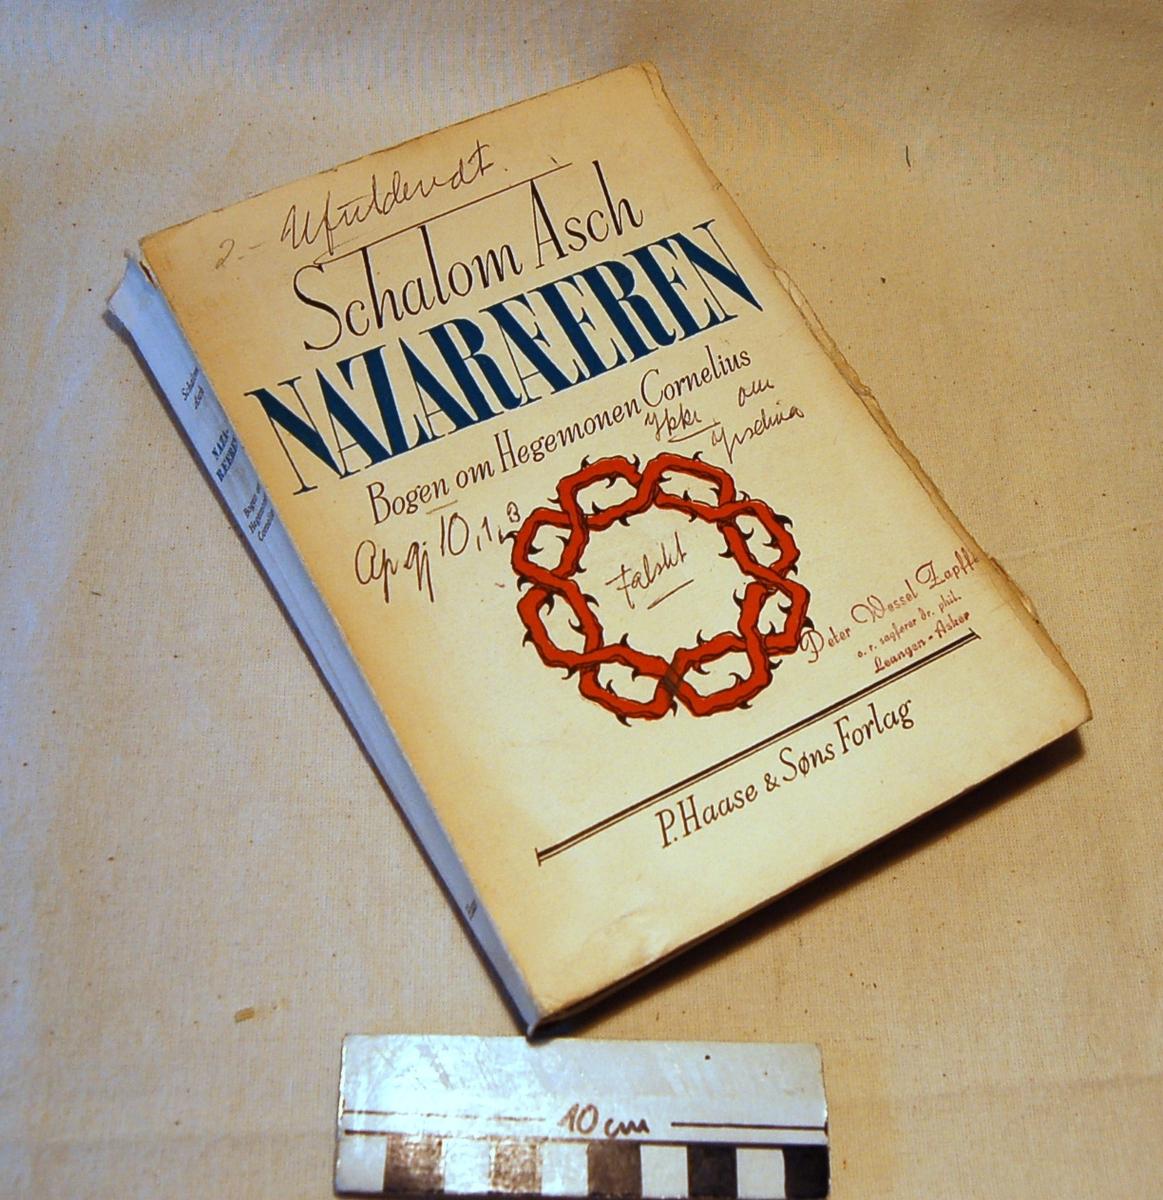 På bokens forside et motiv med tornekrans